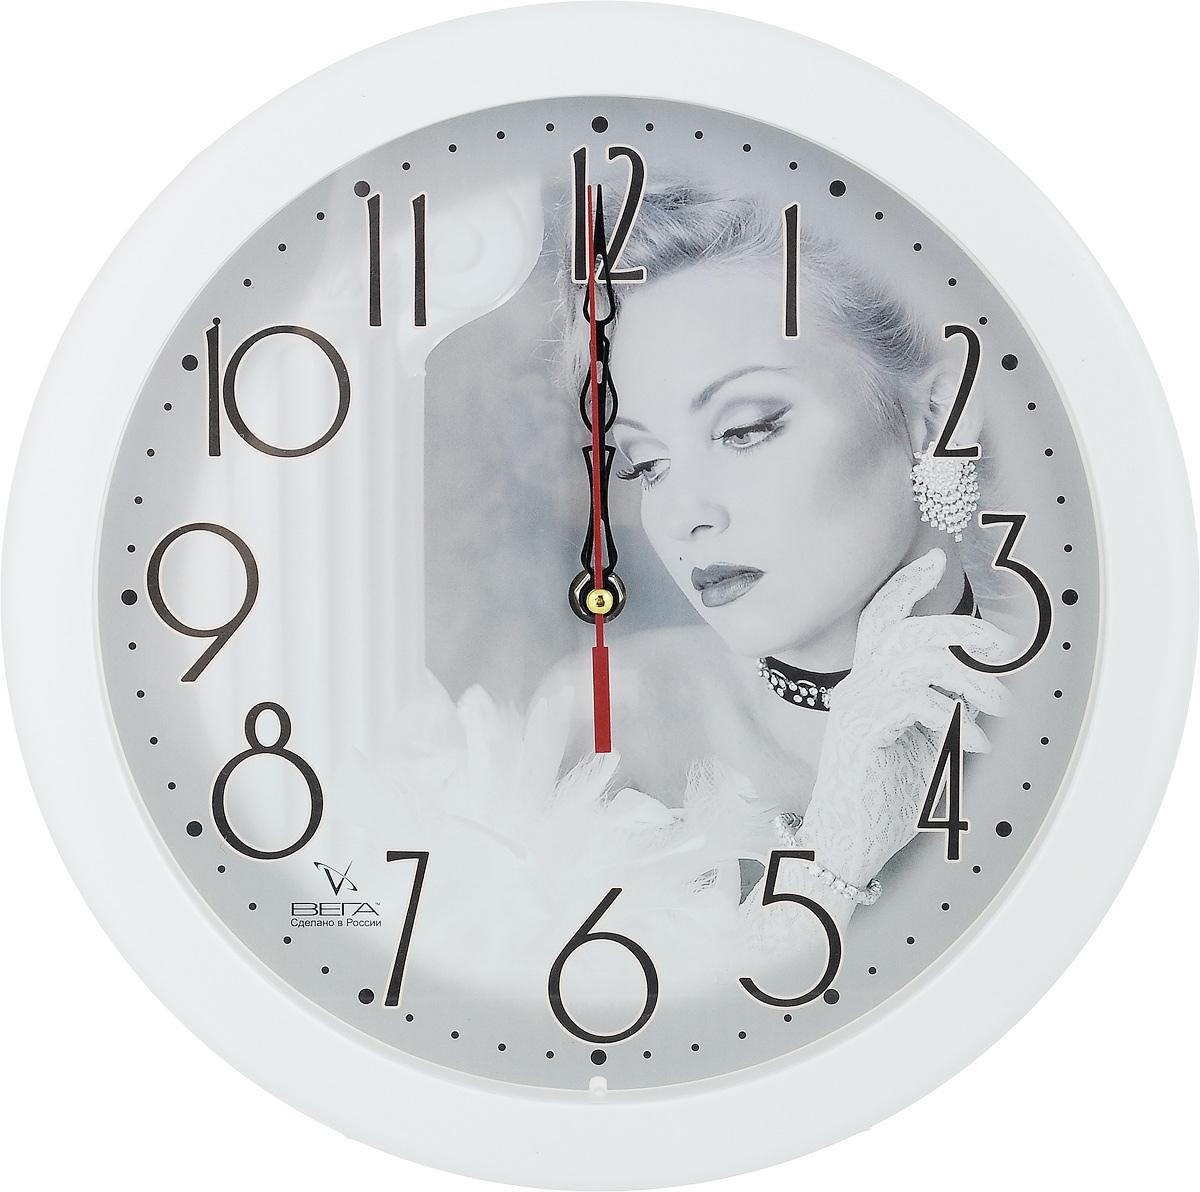 Часы настенные Вега Актриса, диаметр 28,5 смП1-7/7-24Настенные кварцевые часы Вега Актриса, изготовленные из пластика, прекрасно впишутся в интерьер вашего дома. Круглые часы имеют три стрелки: часовую, минутную и секундную, циферблат защищен прозрачным стеклом. Часы работают от 1 батарейки типа АА напряжением 1,5 В (не входит в комплект). Диаметр часов: 28,5 см.